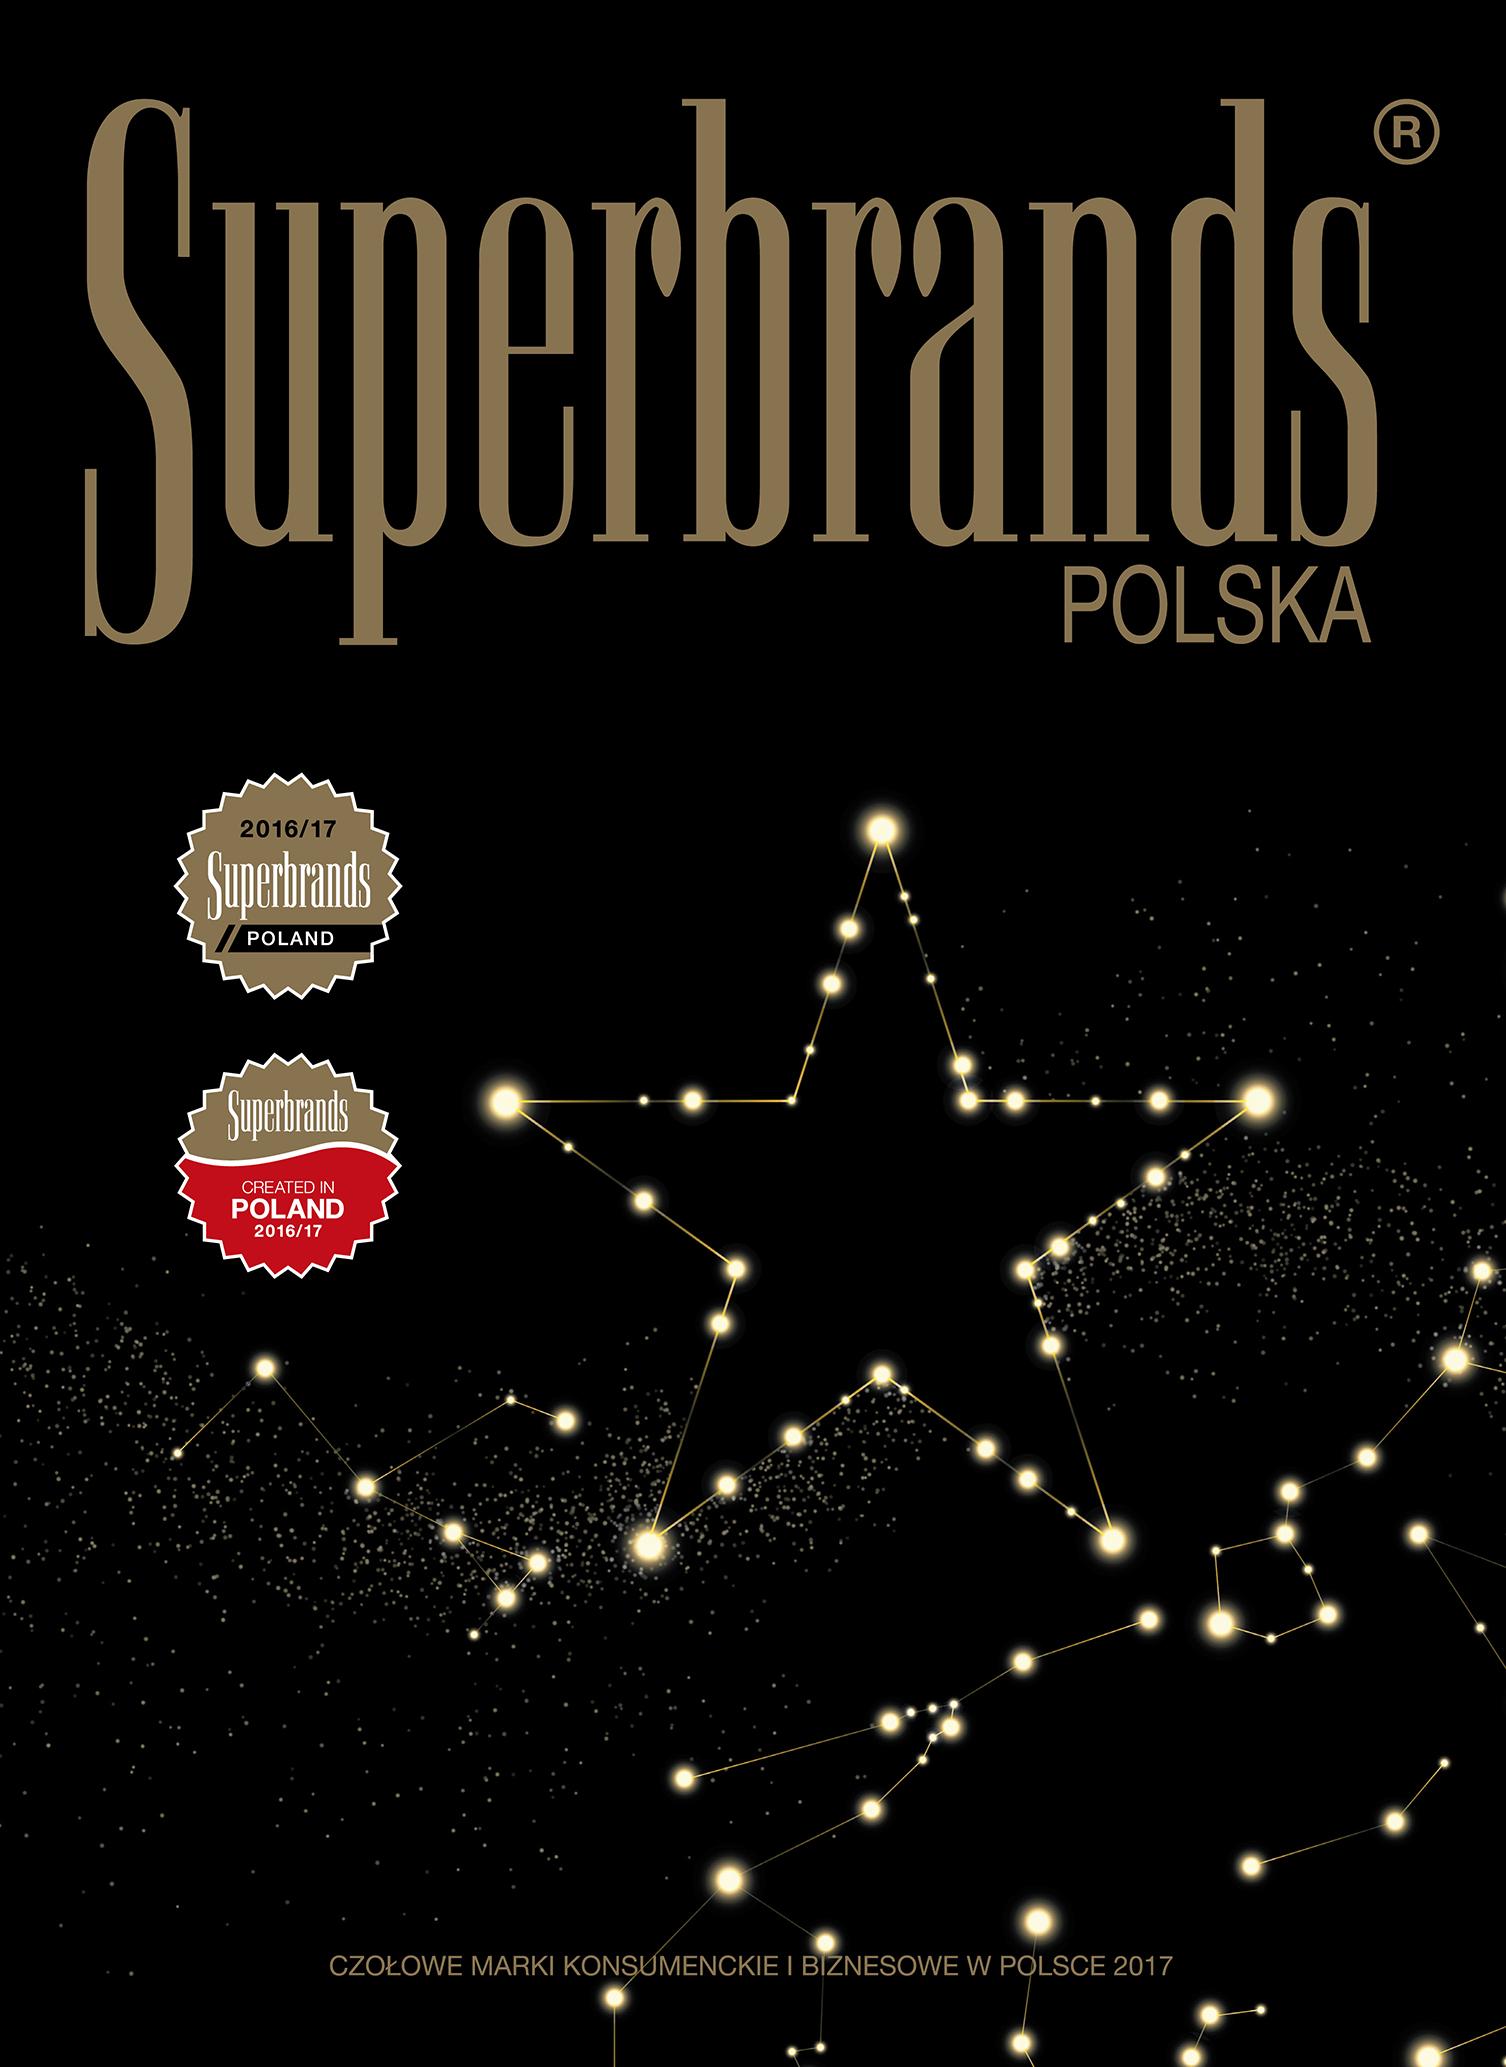 Album Superbrands